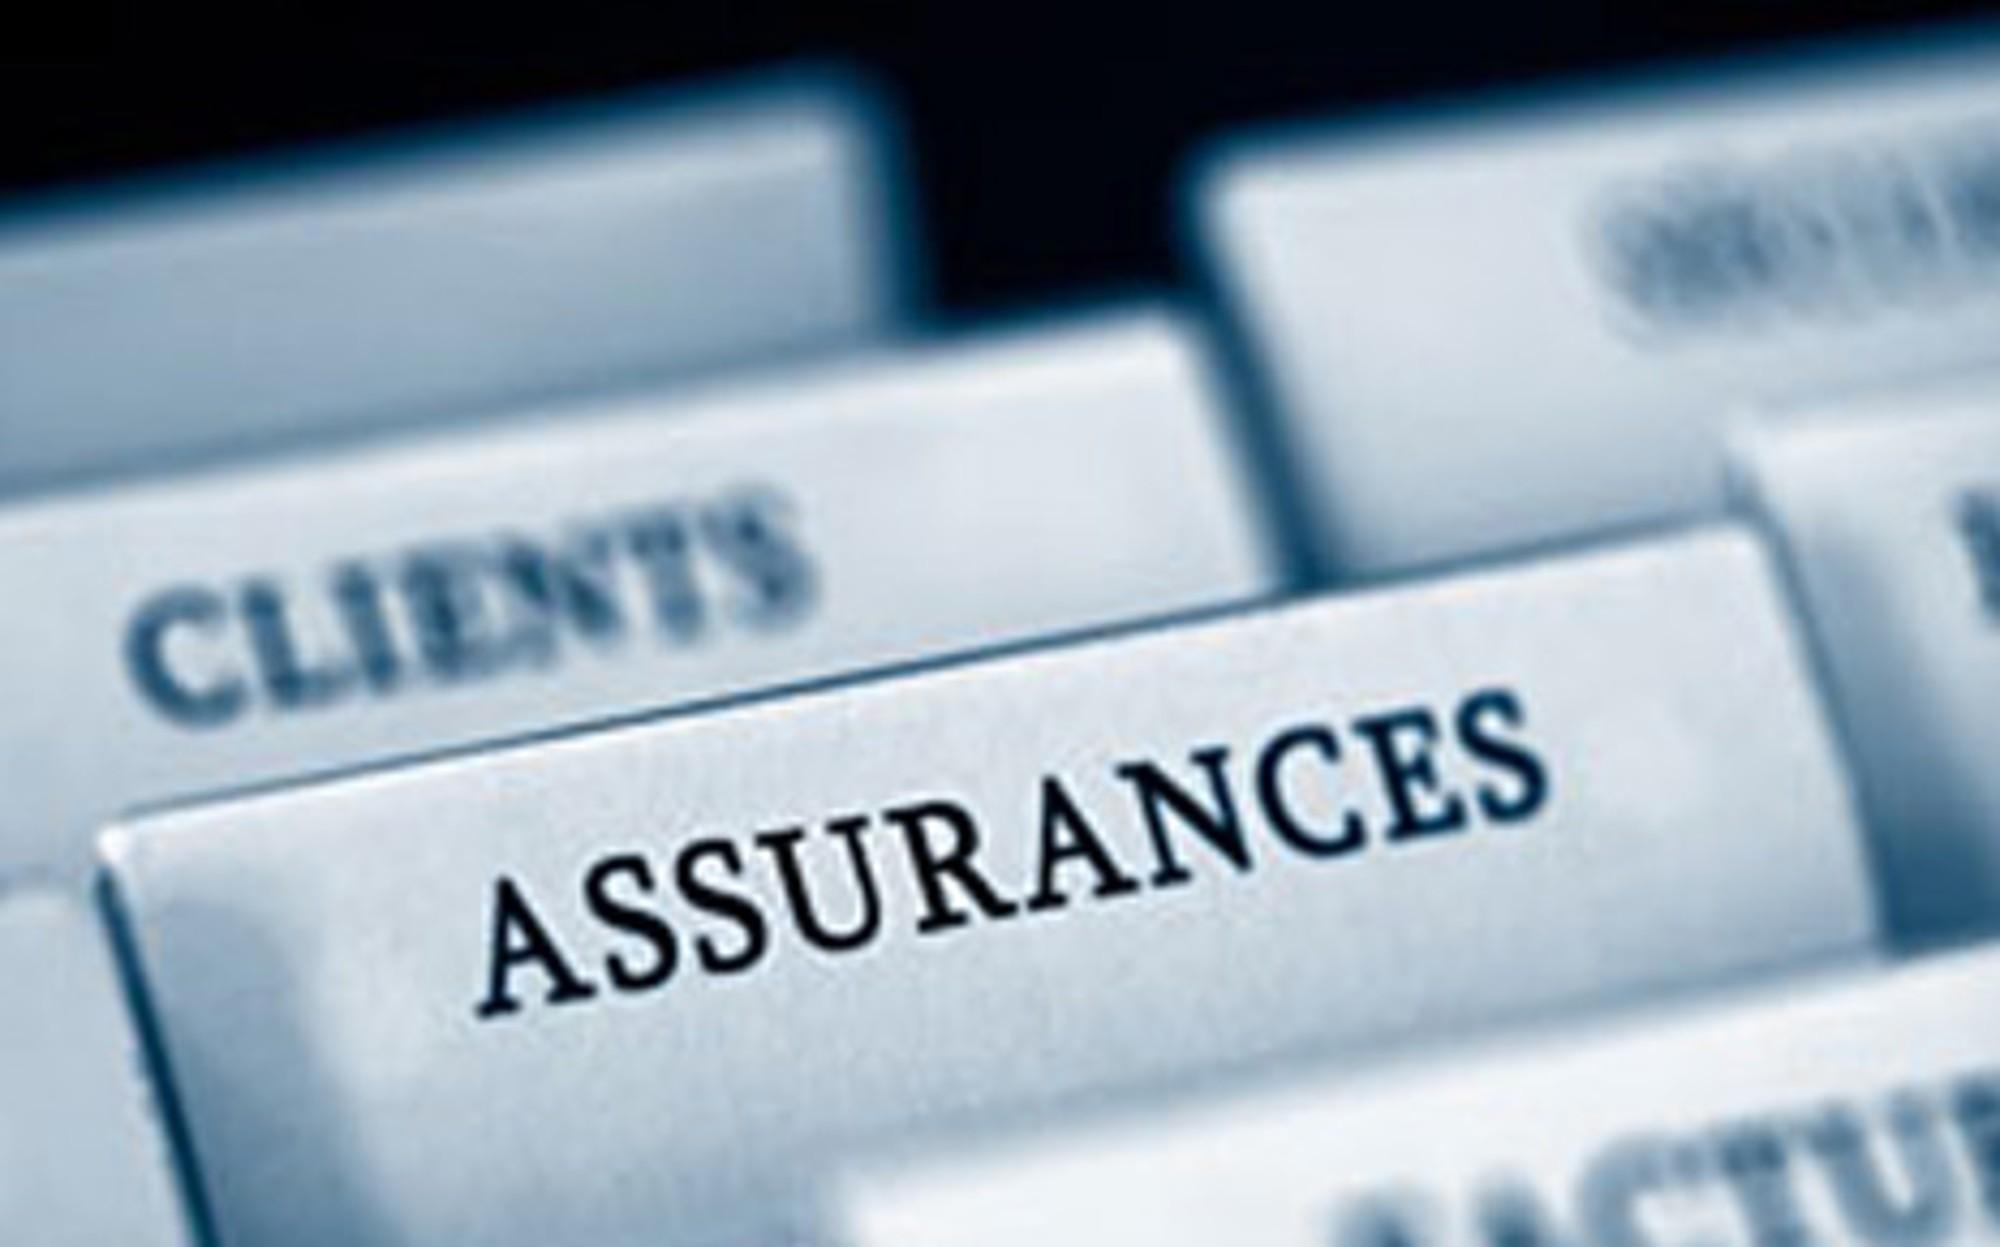 Meilleure assurance : quels critères faut-il prendre en considération pour la choisir ?